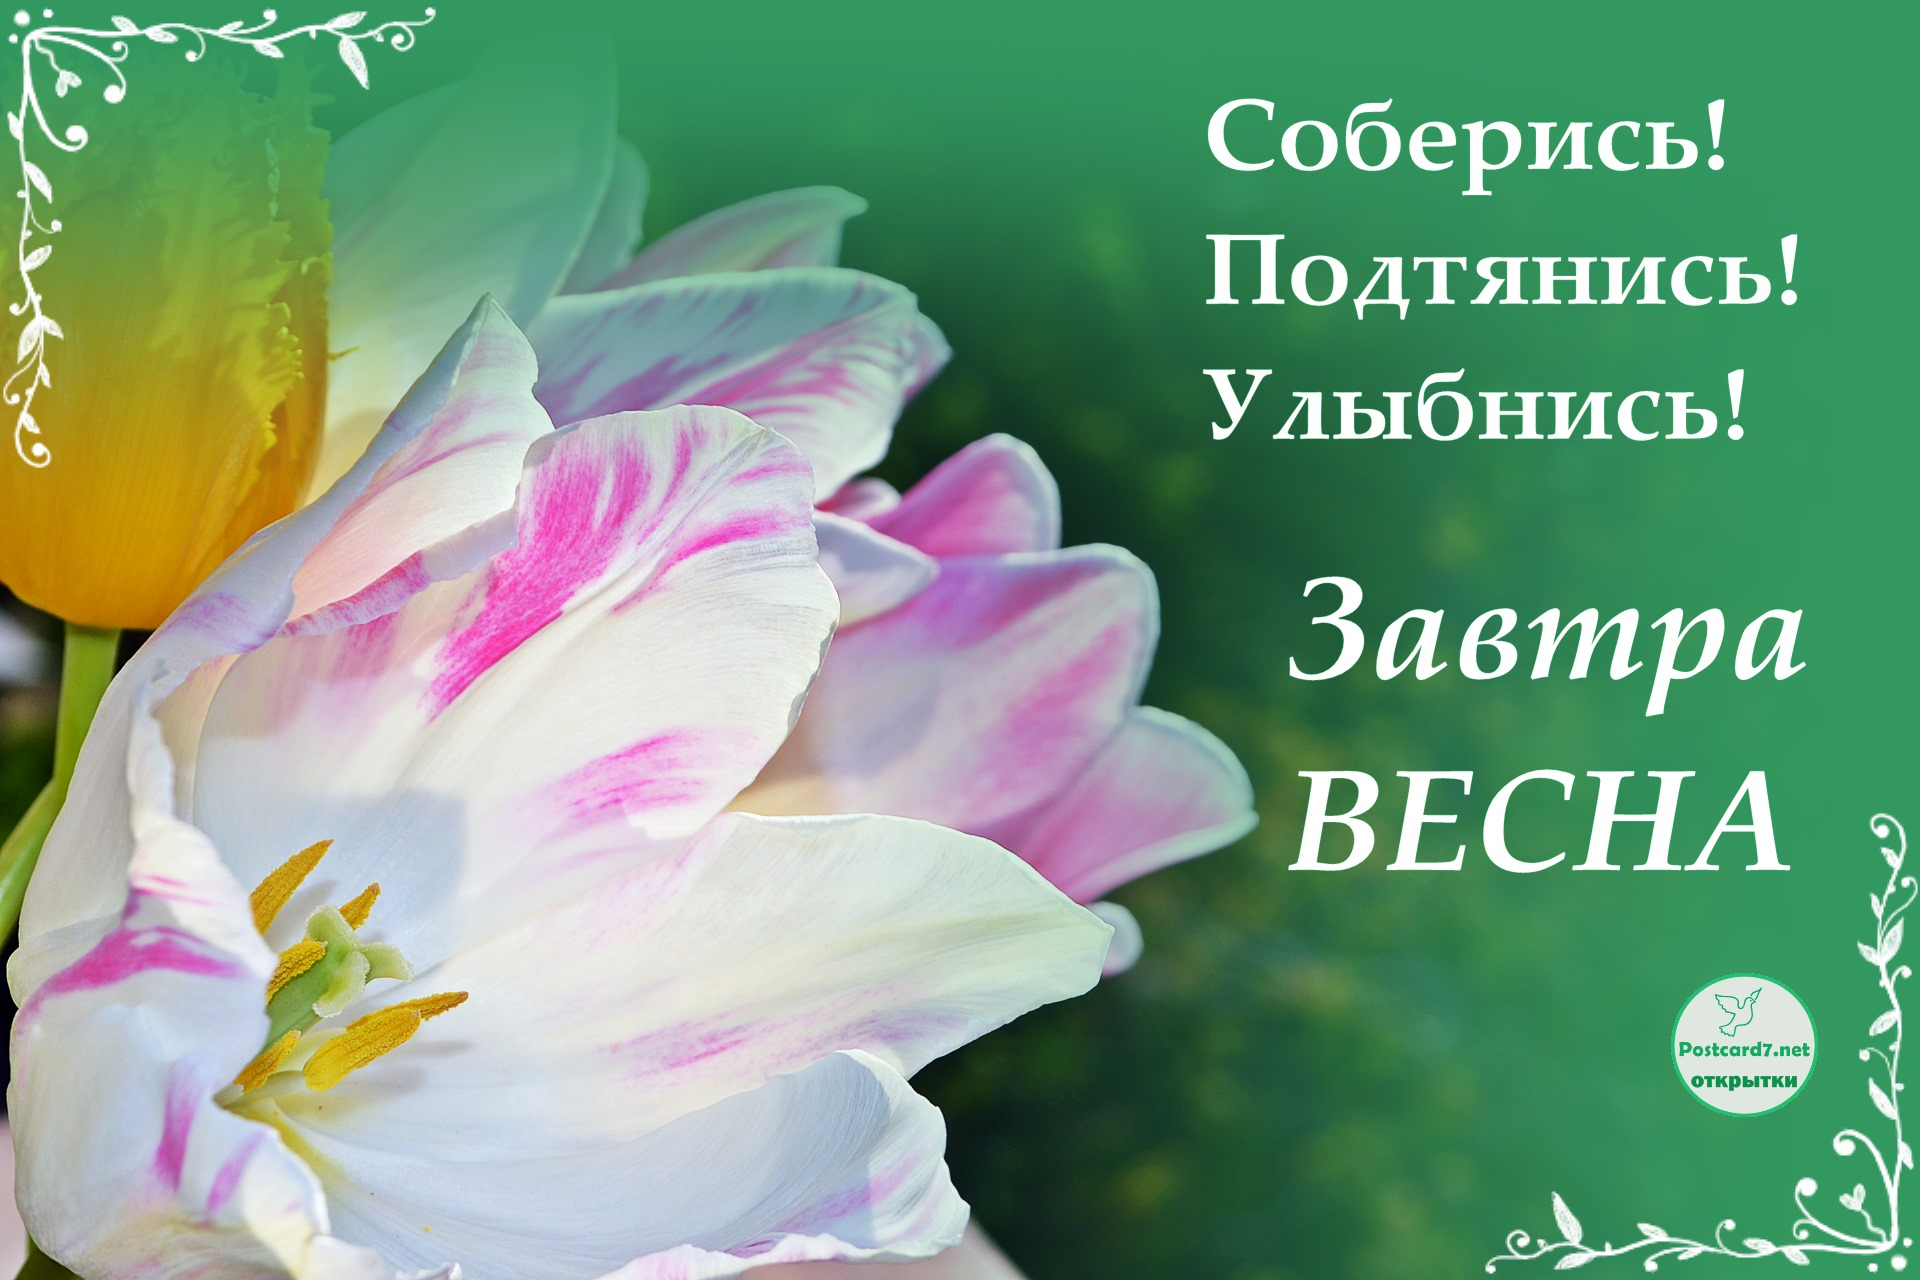 Завтра весна, открытка